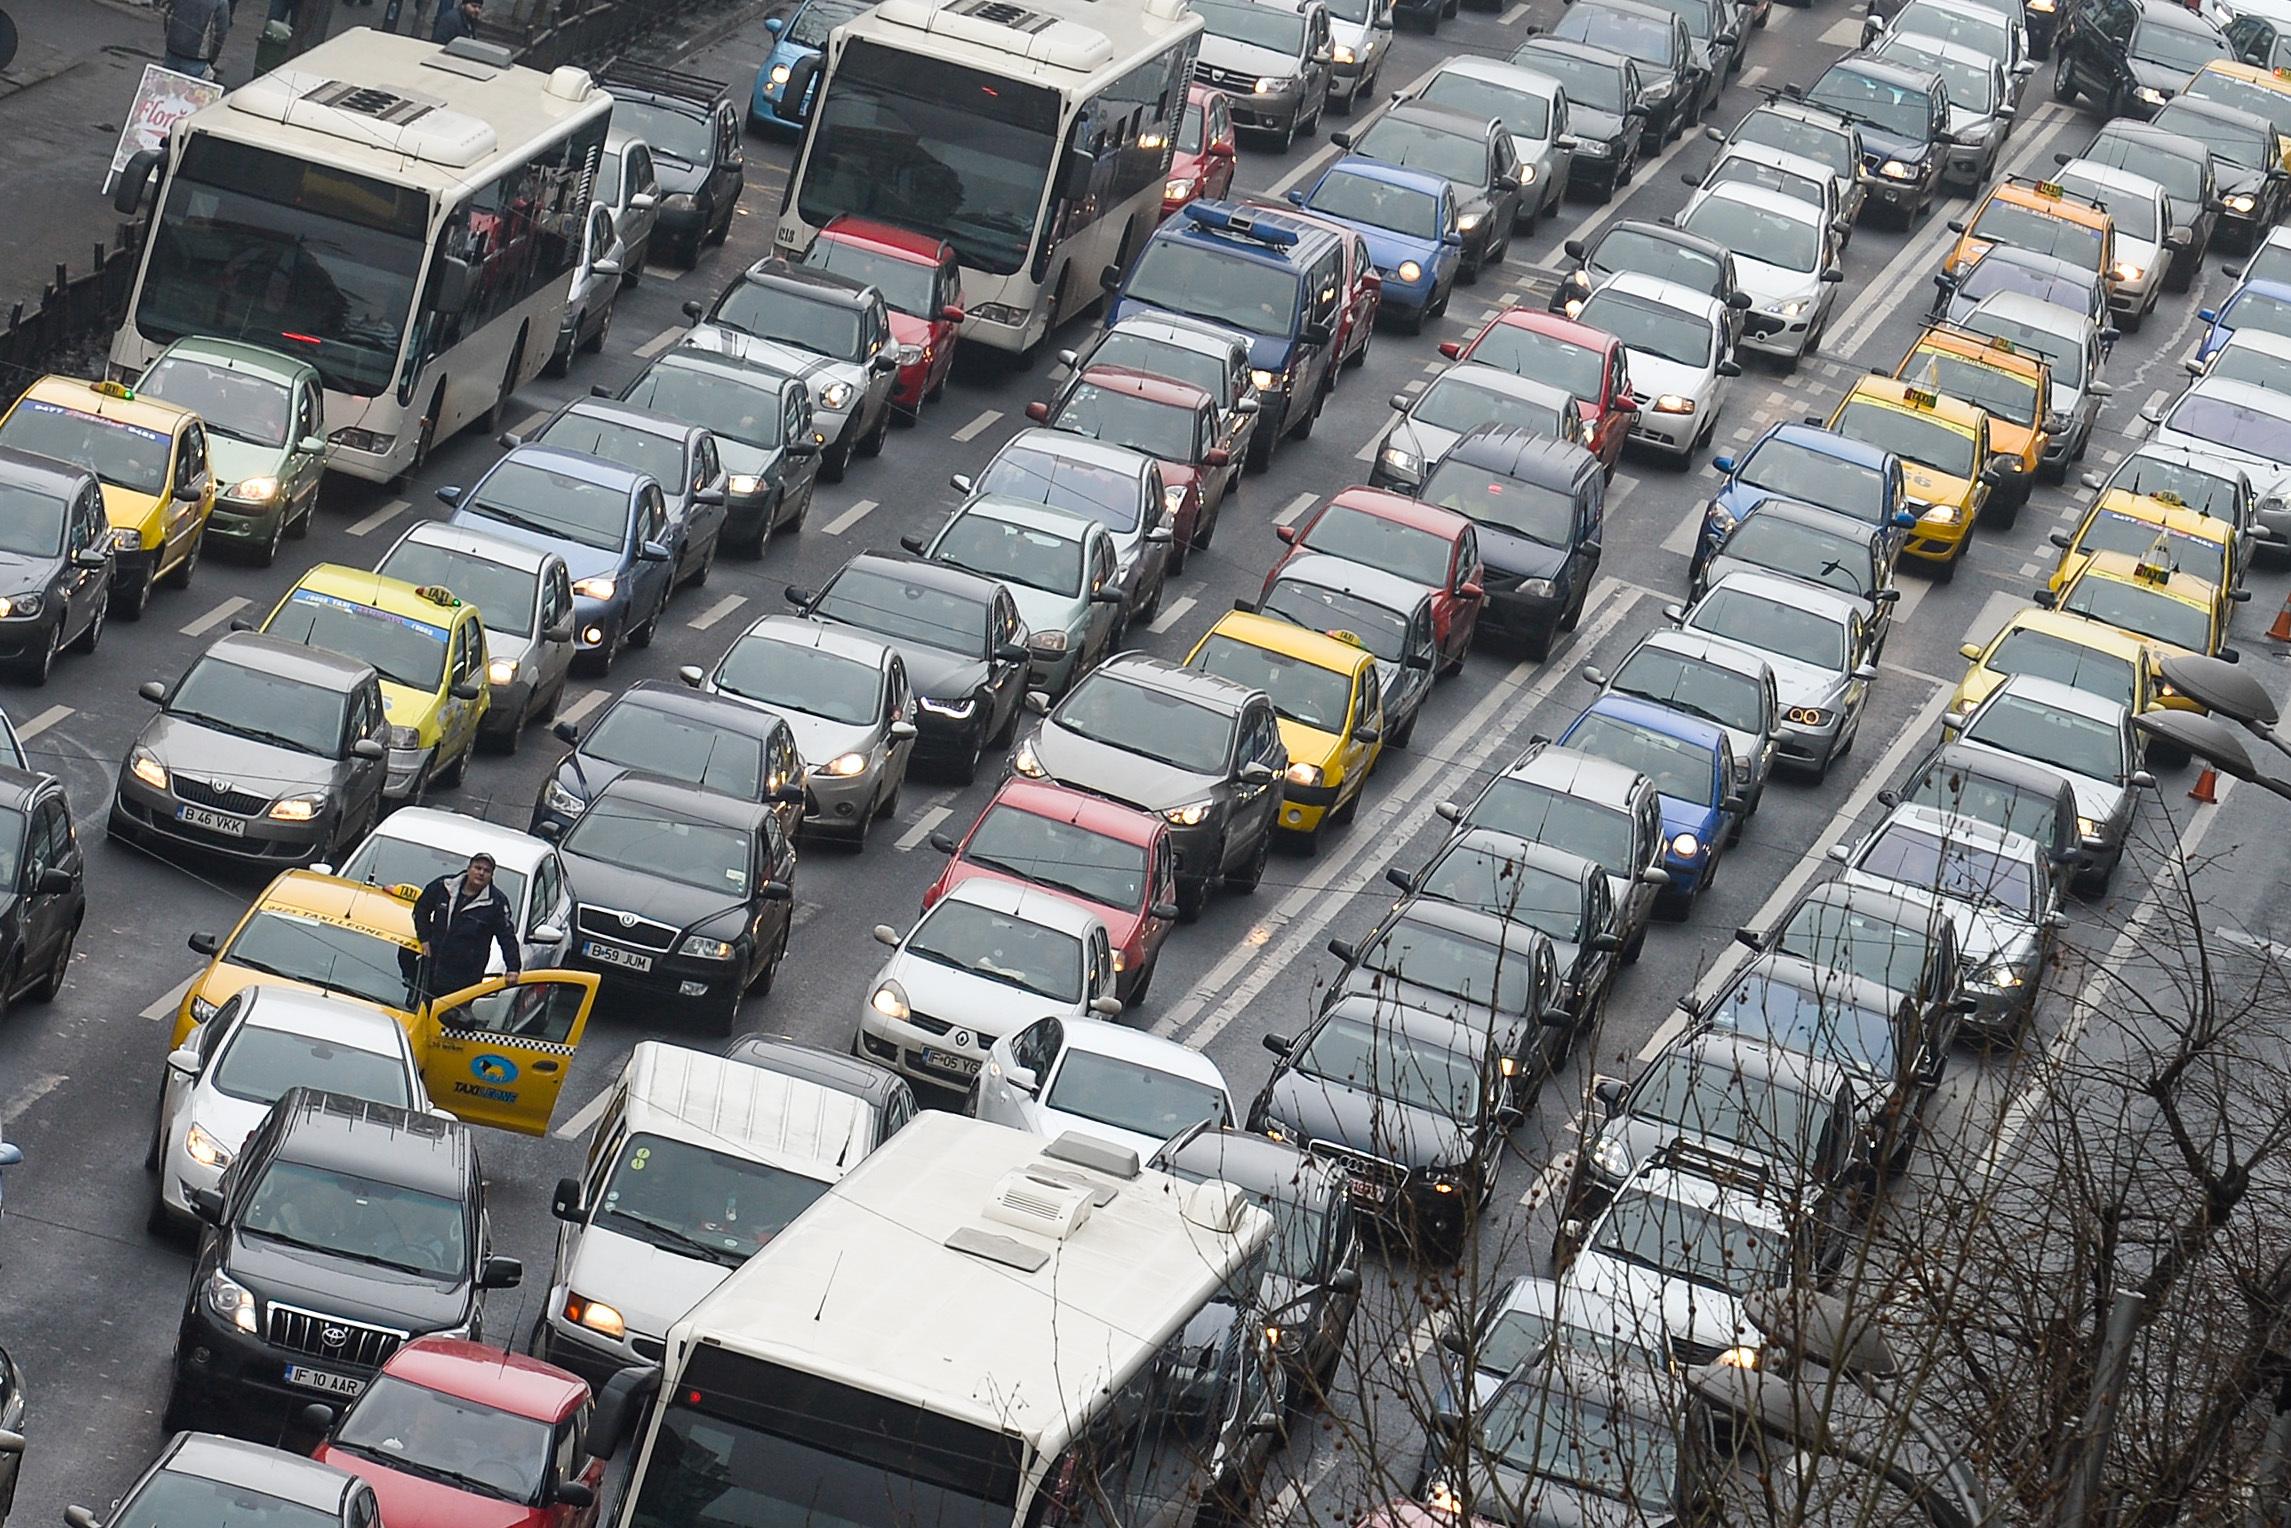 Românii pleacă în minivacanţă: Traficul rutier se intensifică pe A2 către litoral şi pe DN1 Bucureşti – Braşov/ Aglomeraţie şi pe Valea Prahovei